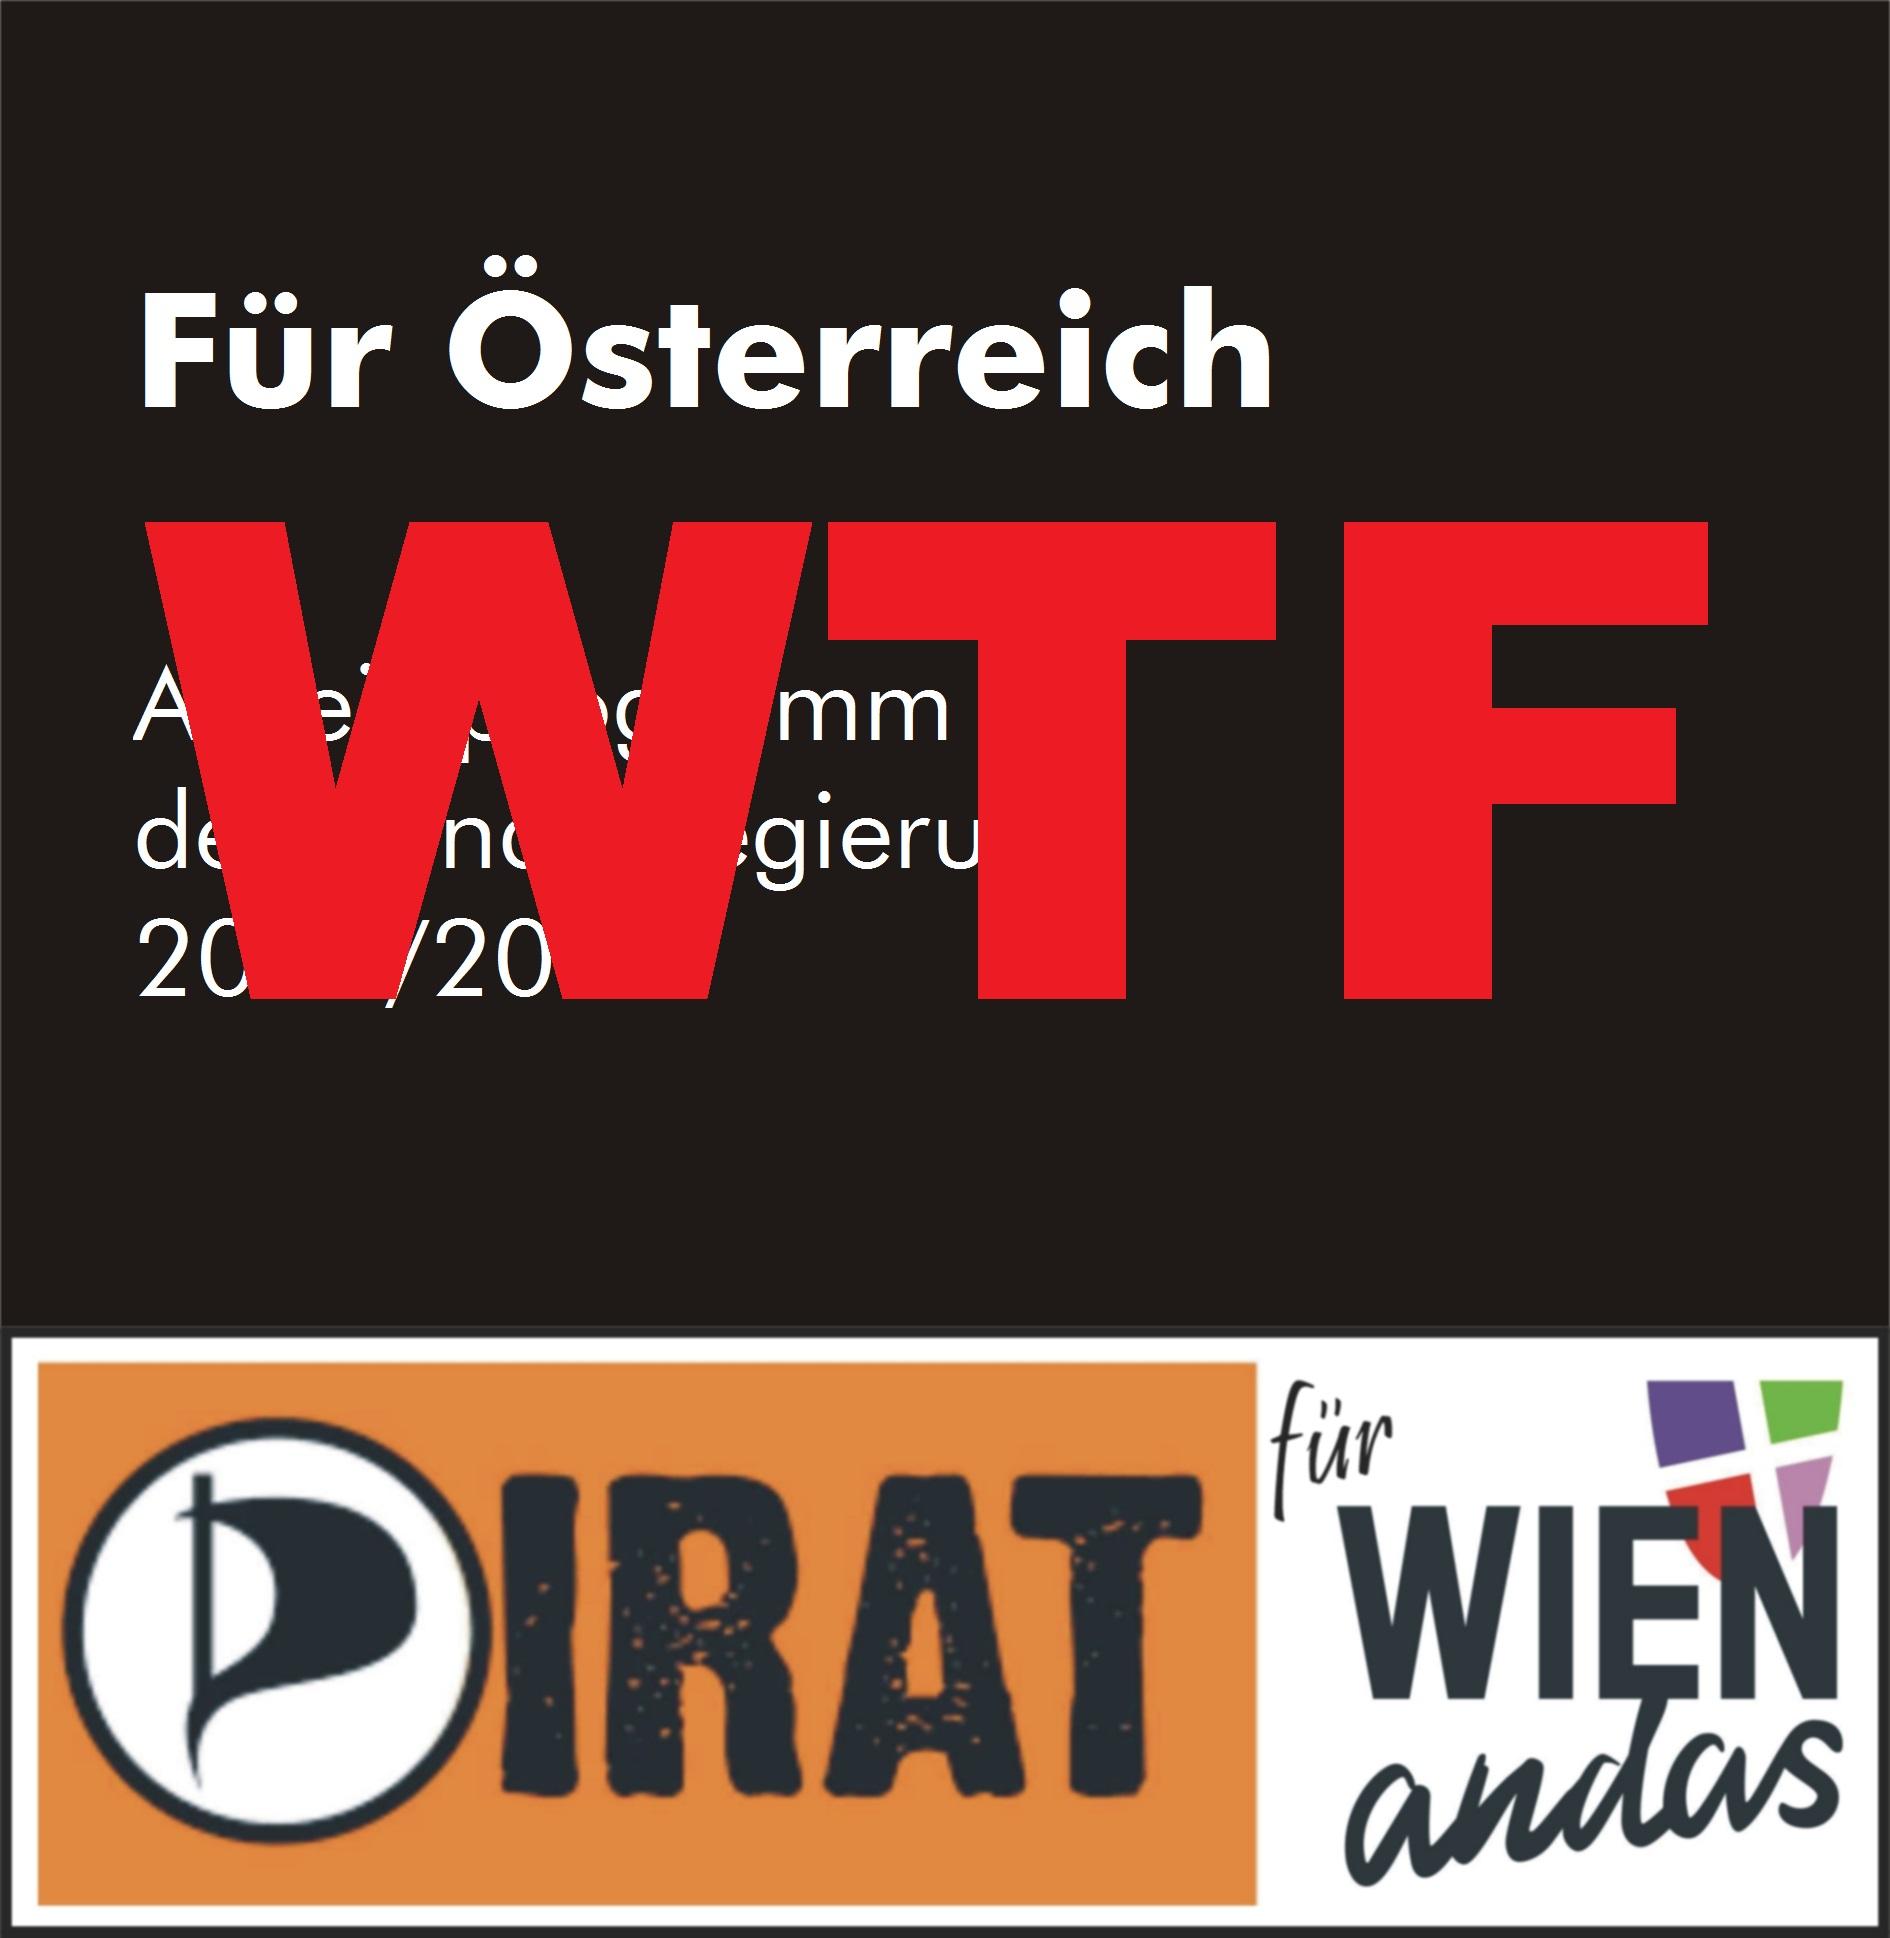 Für Österreich - Regierungsprogramm für 2017/2018 - a scho Wuascht!